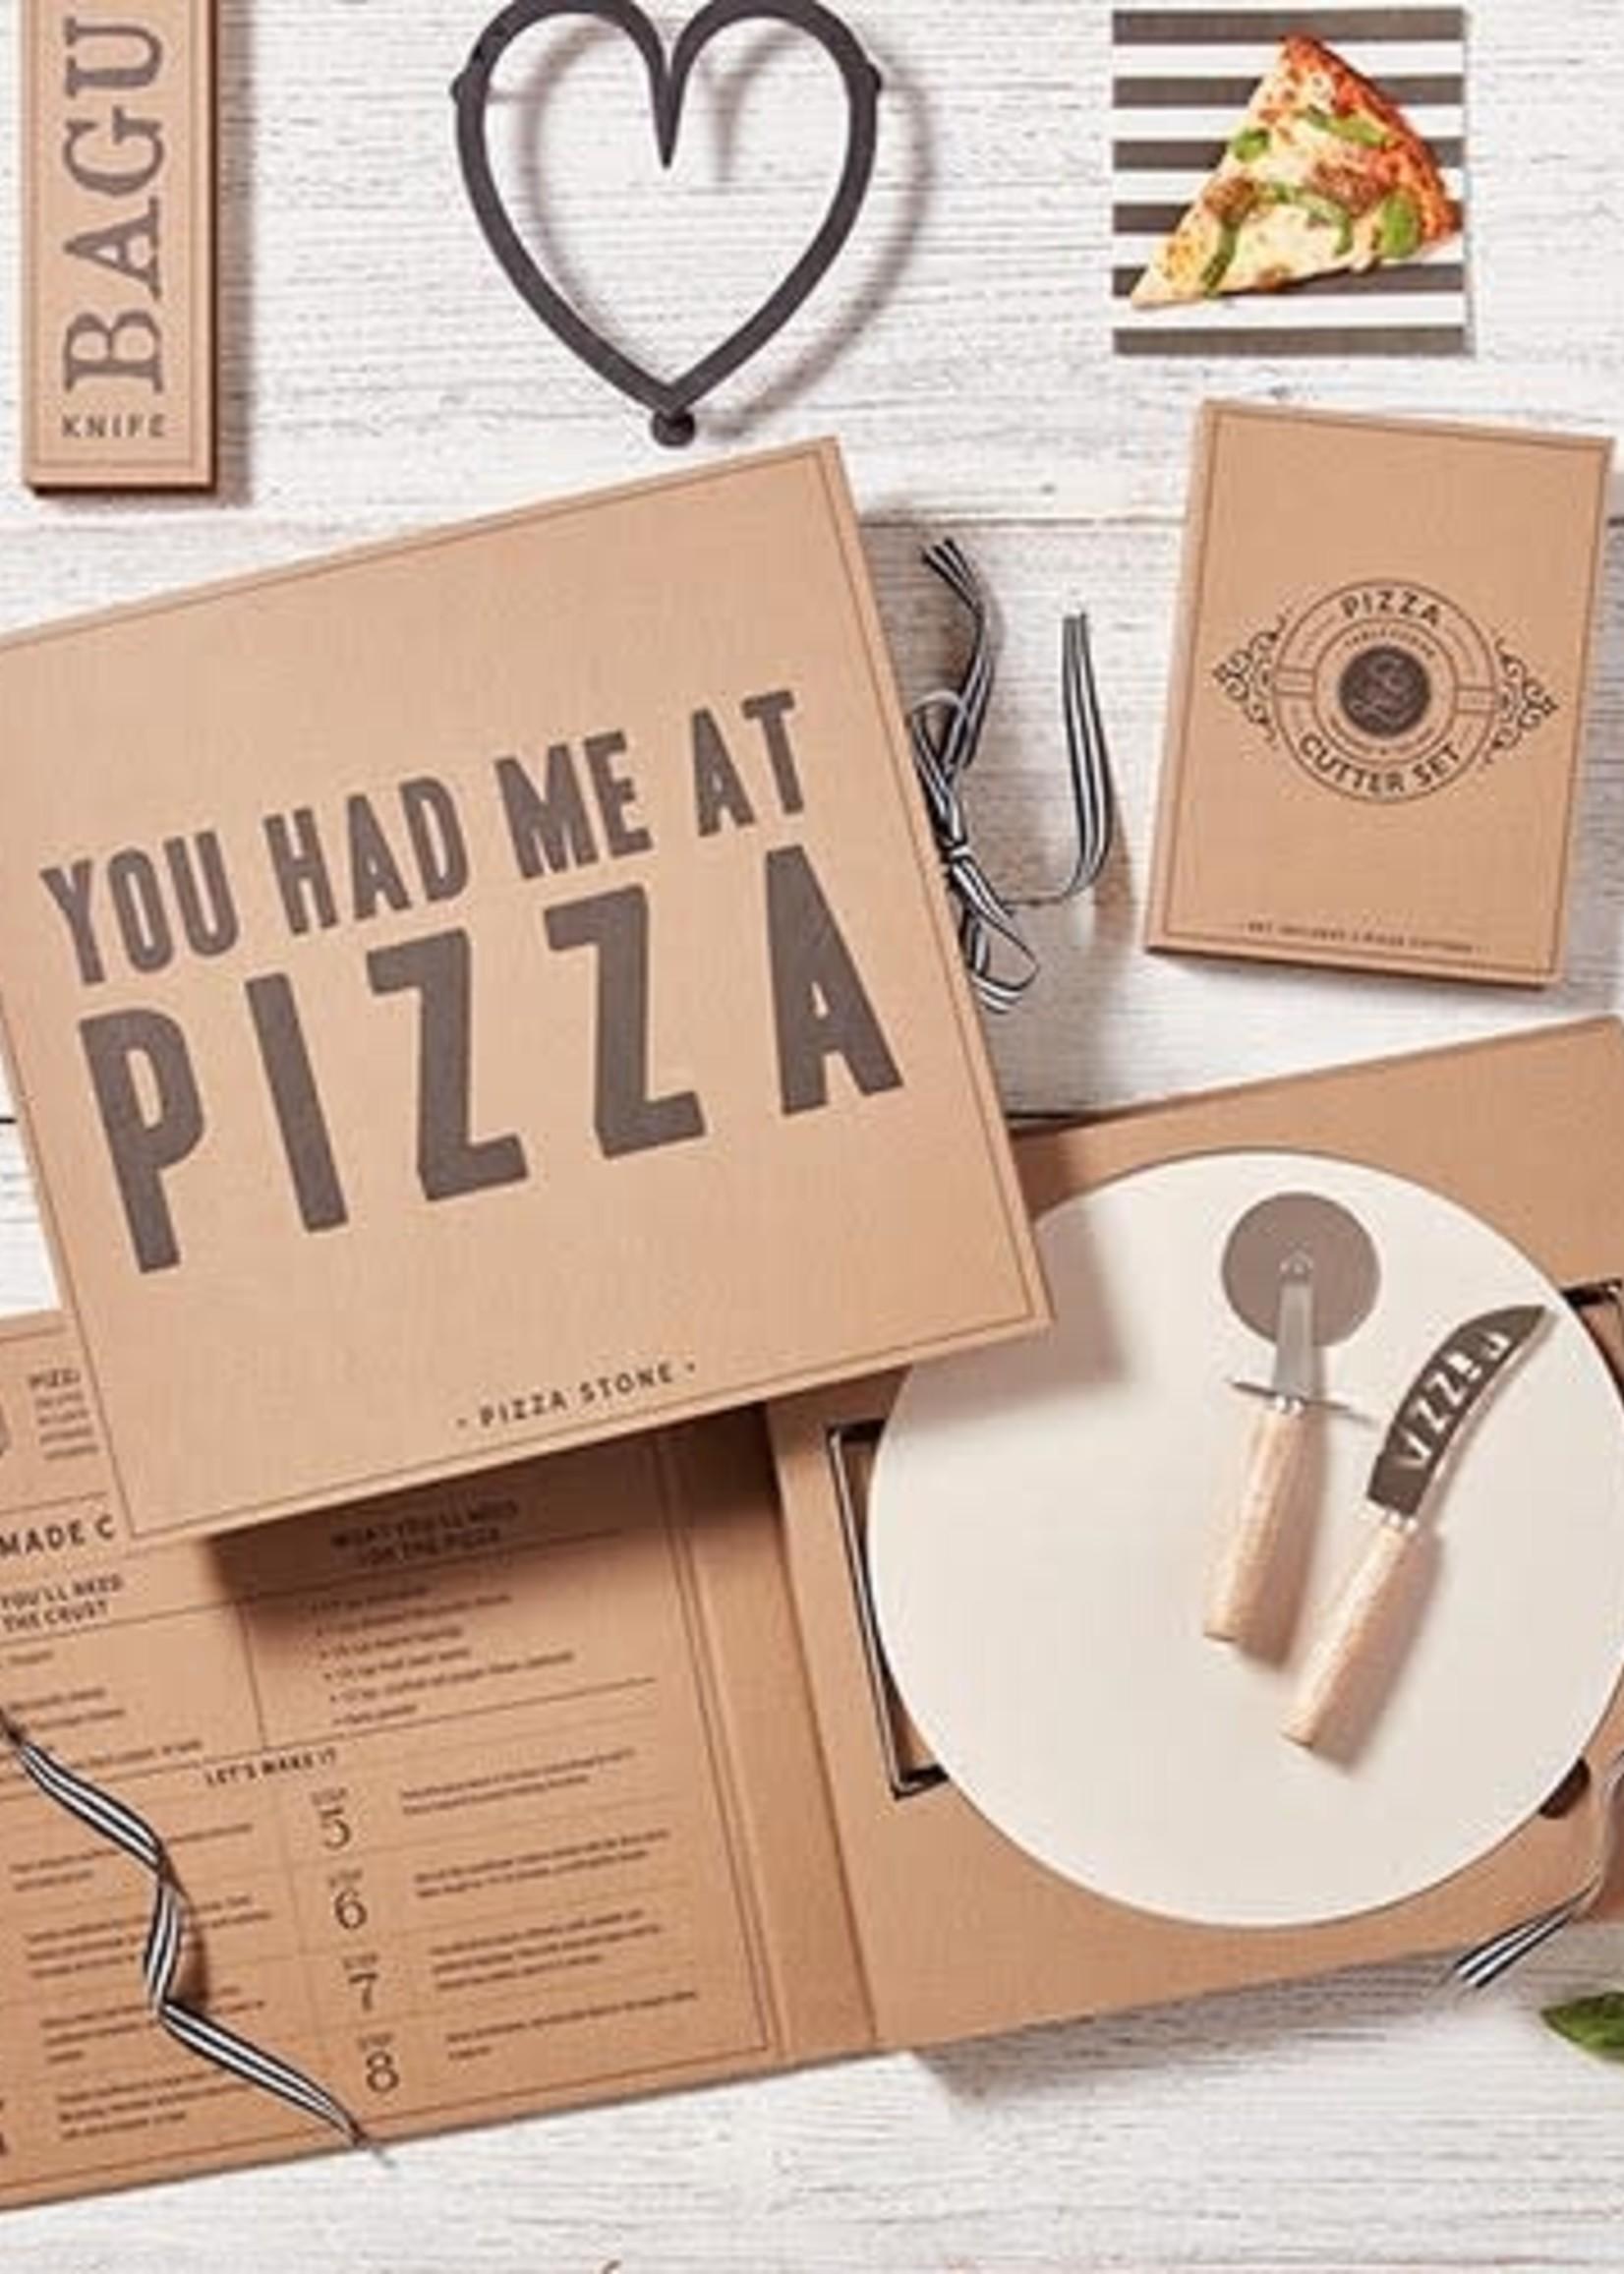 Pizza Stone Book Box